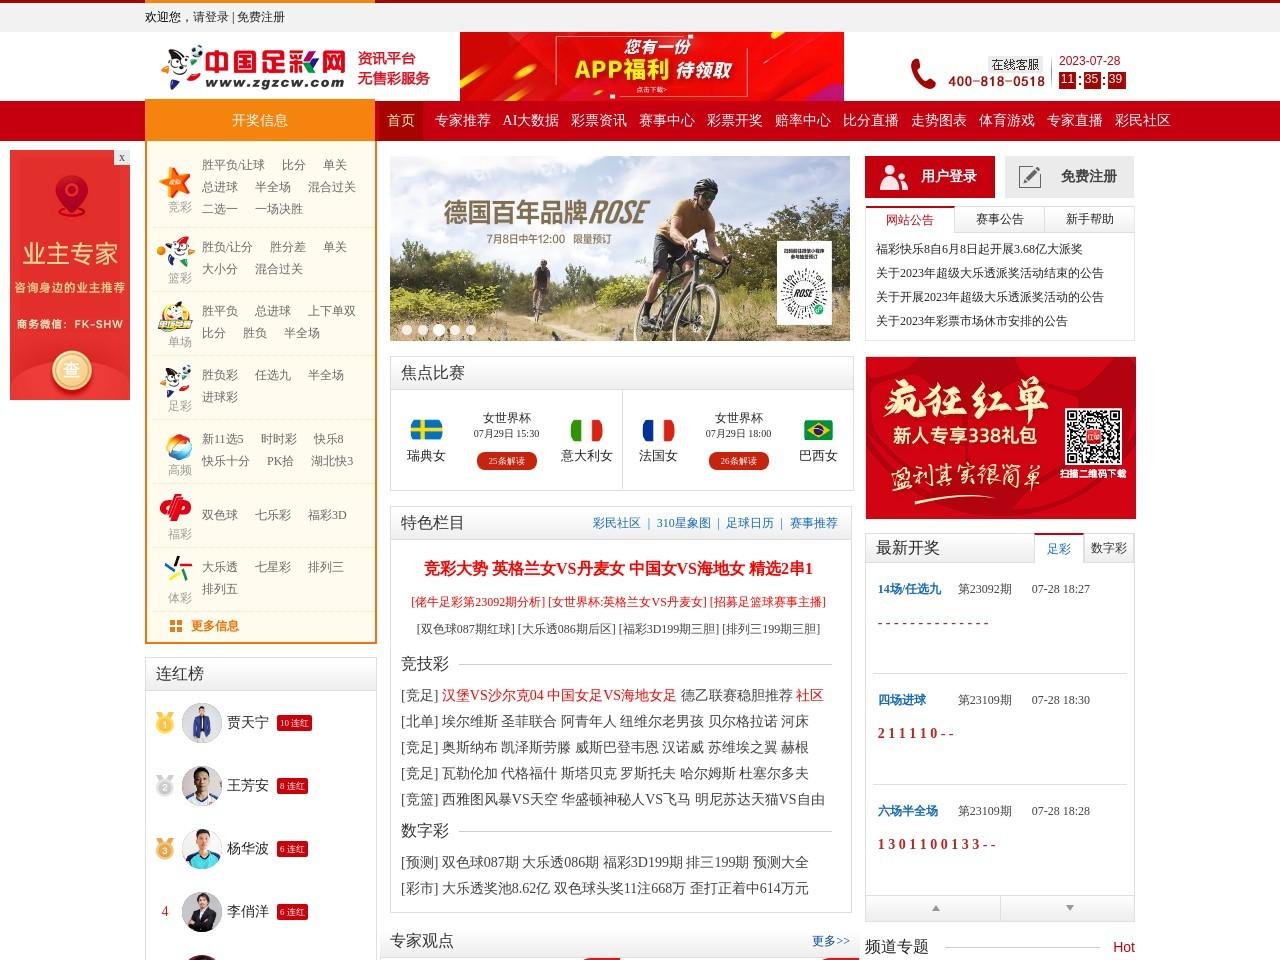 中国足彩网-竞彩_竞彩足球_体育彩票_足球彩票_彩票网